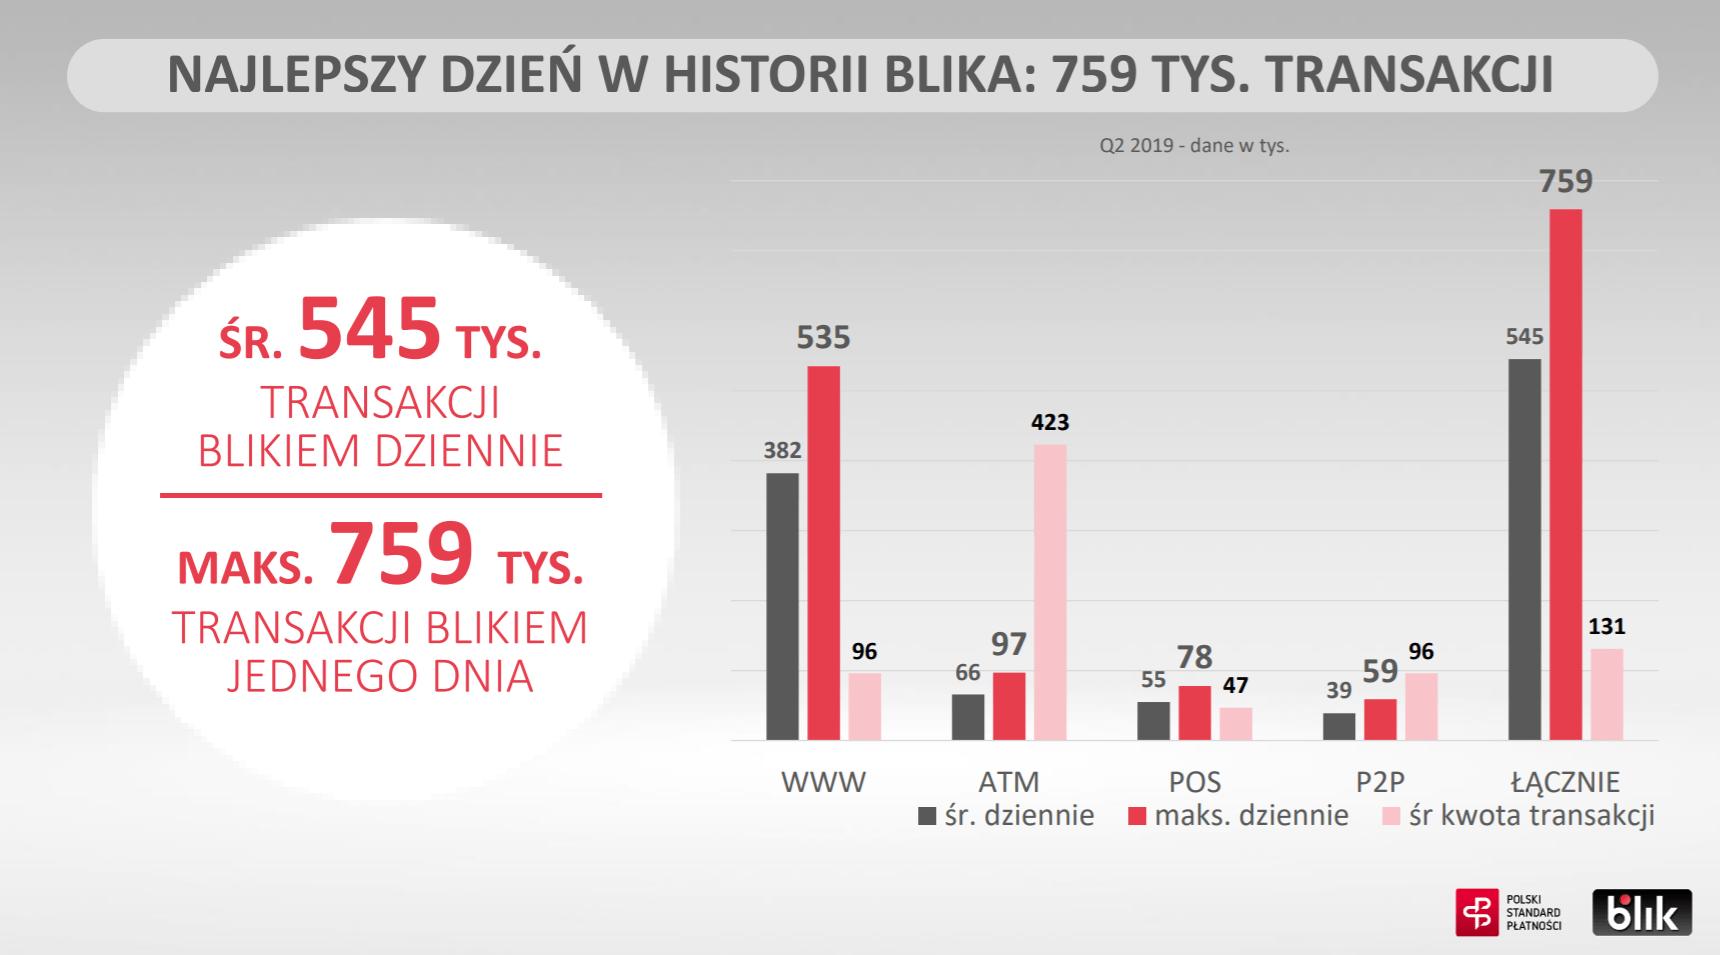 BLIK bije kolejne rekordy: 89 milionów transakcji w pierwszej połowie 2019 r. 23